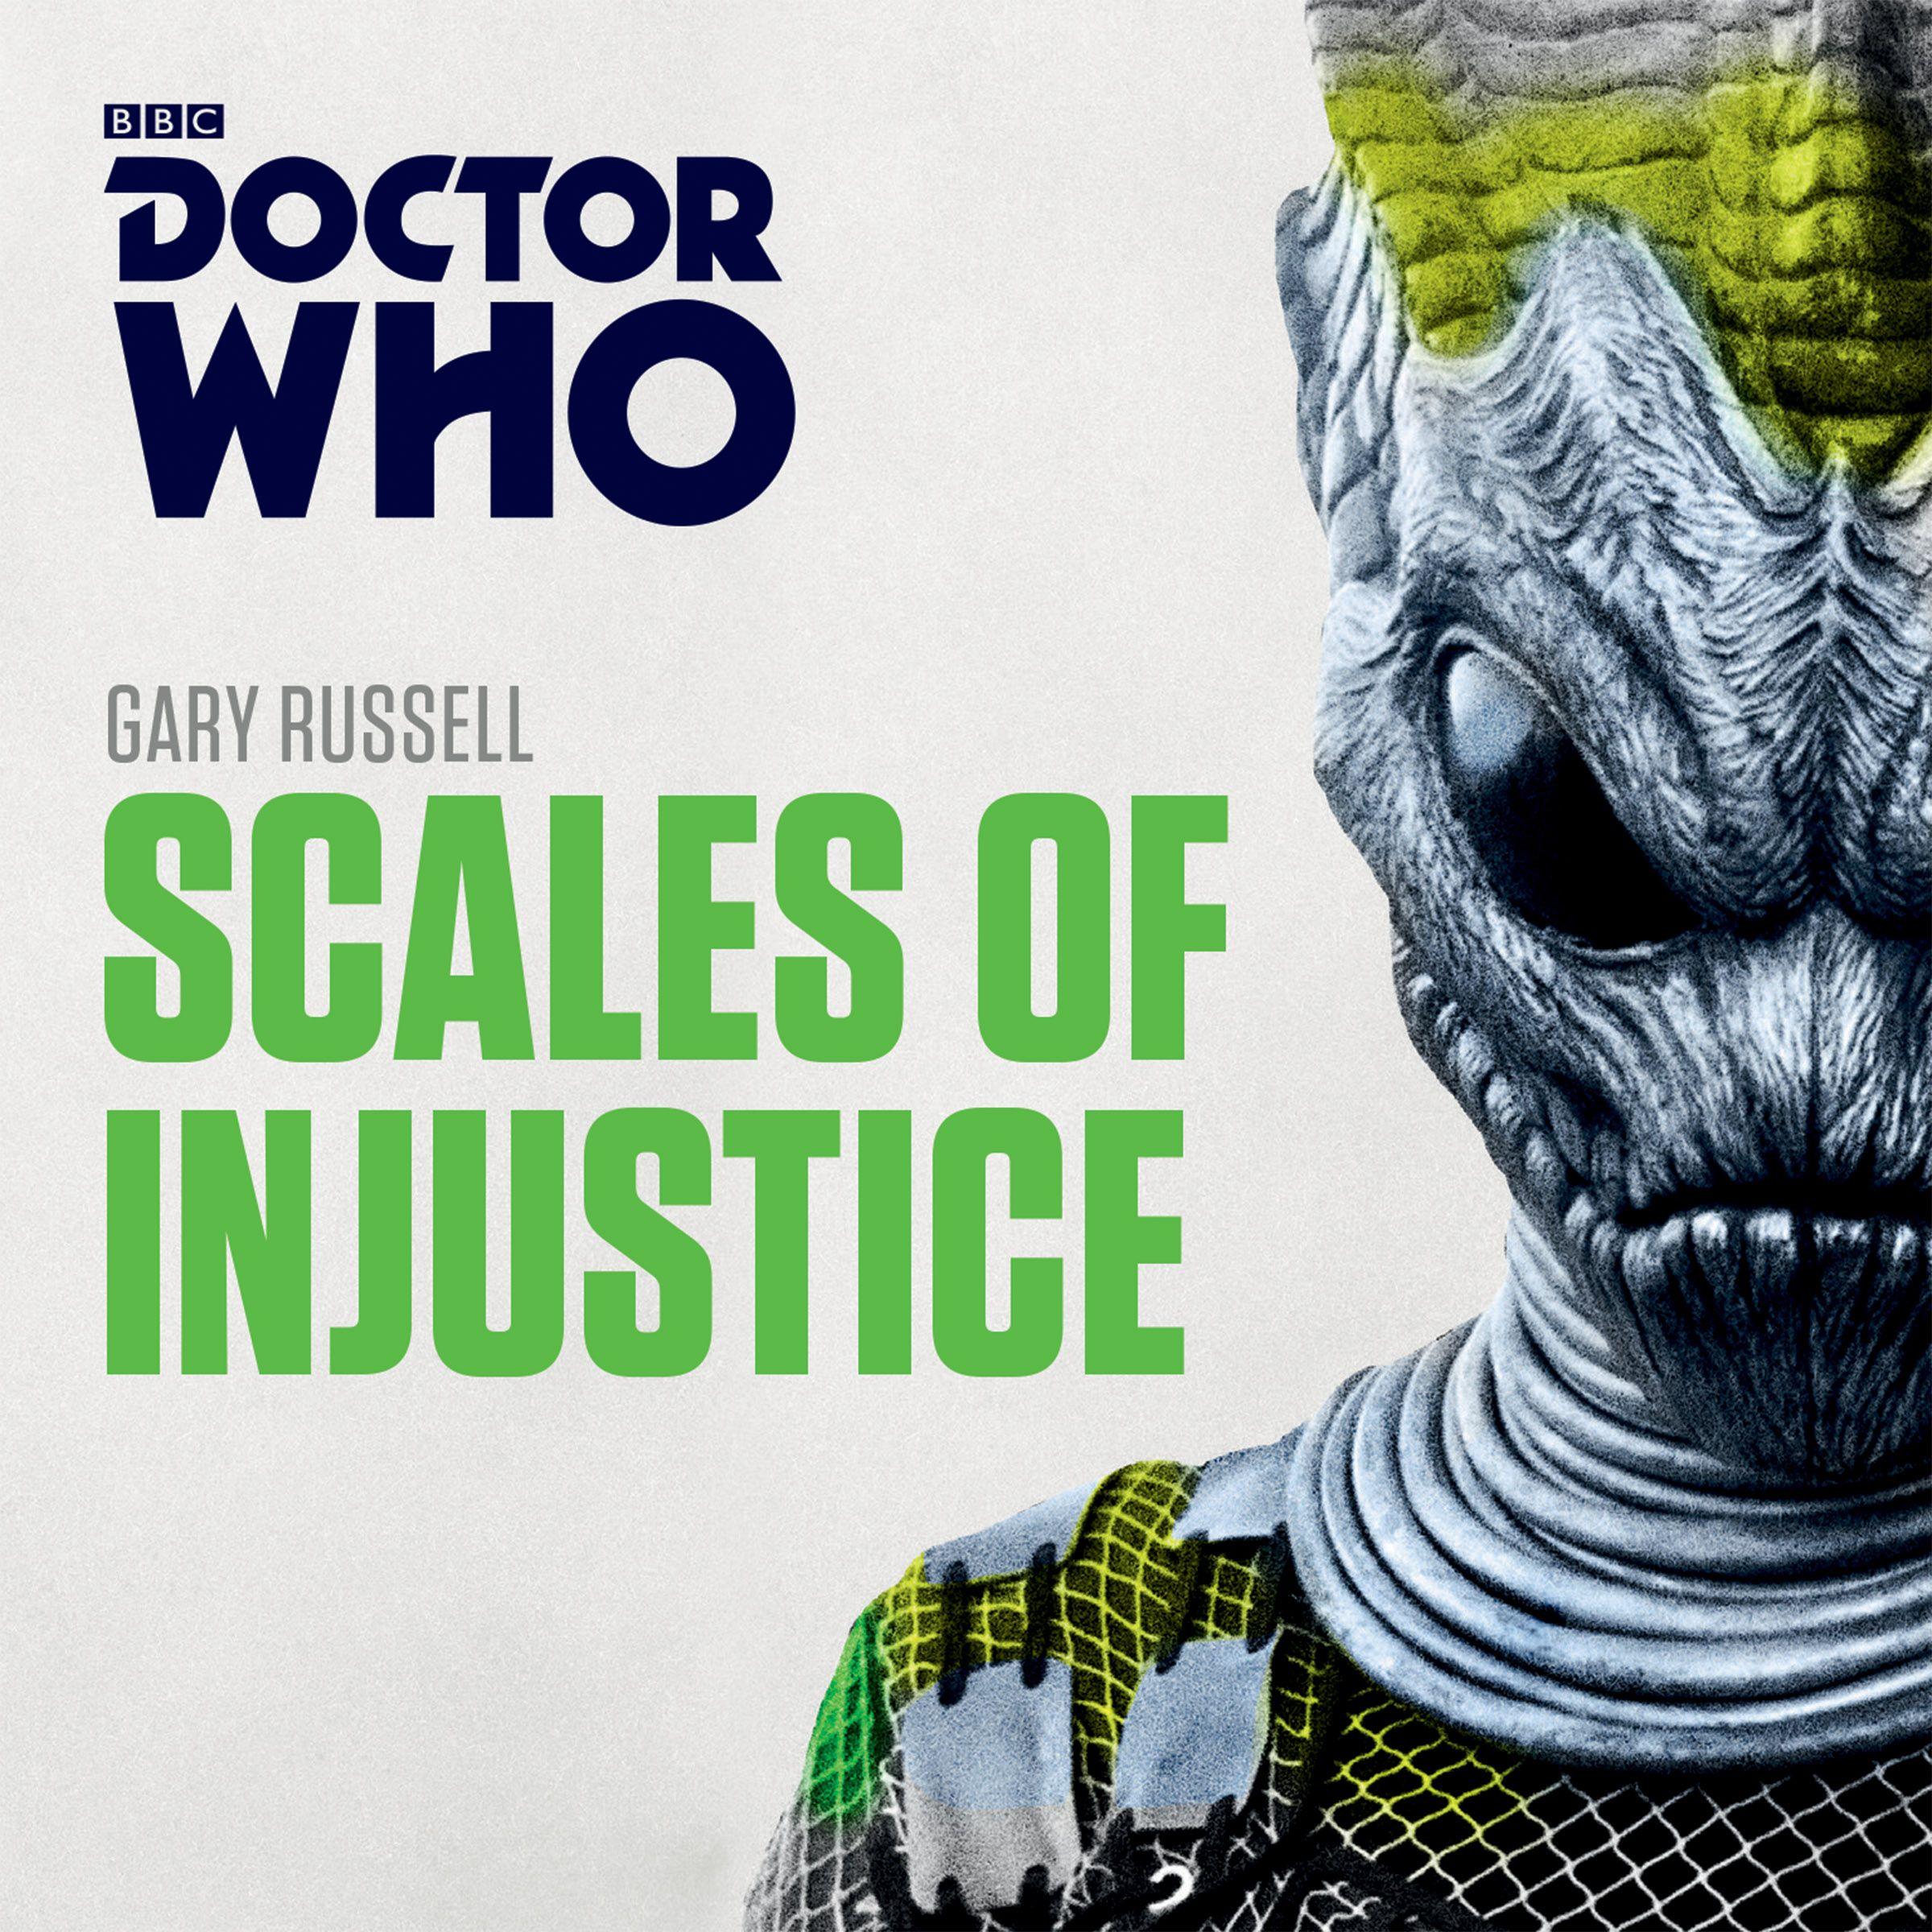 Scales of Injustice (Credit: BBC Audio)